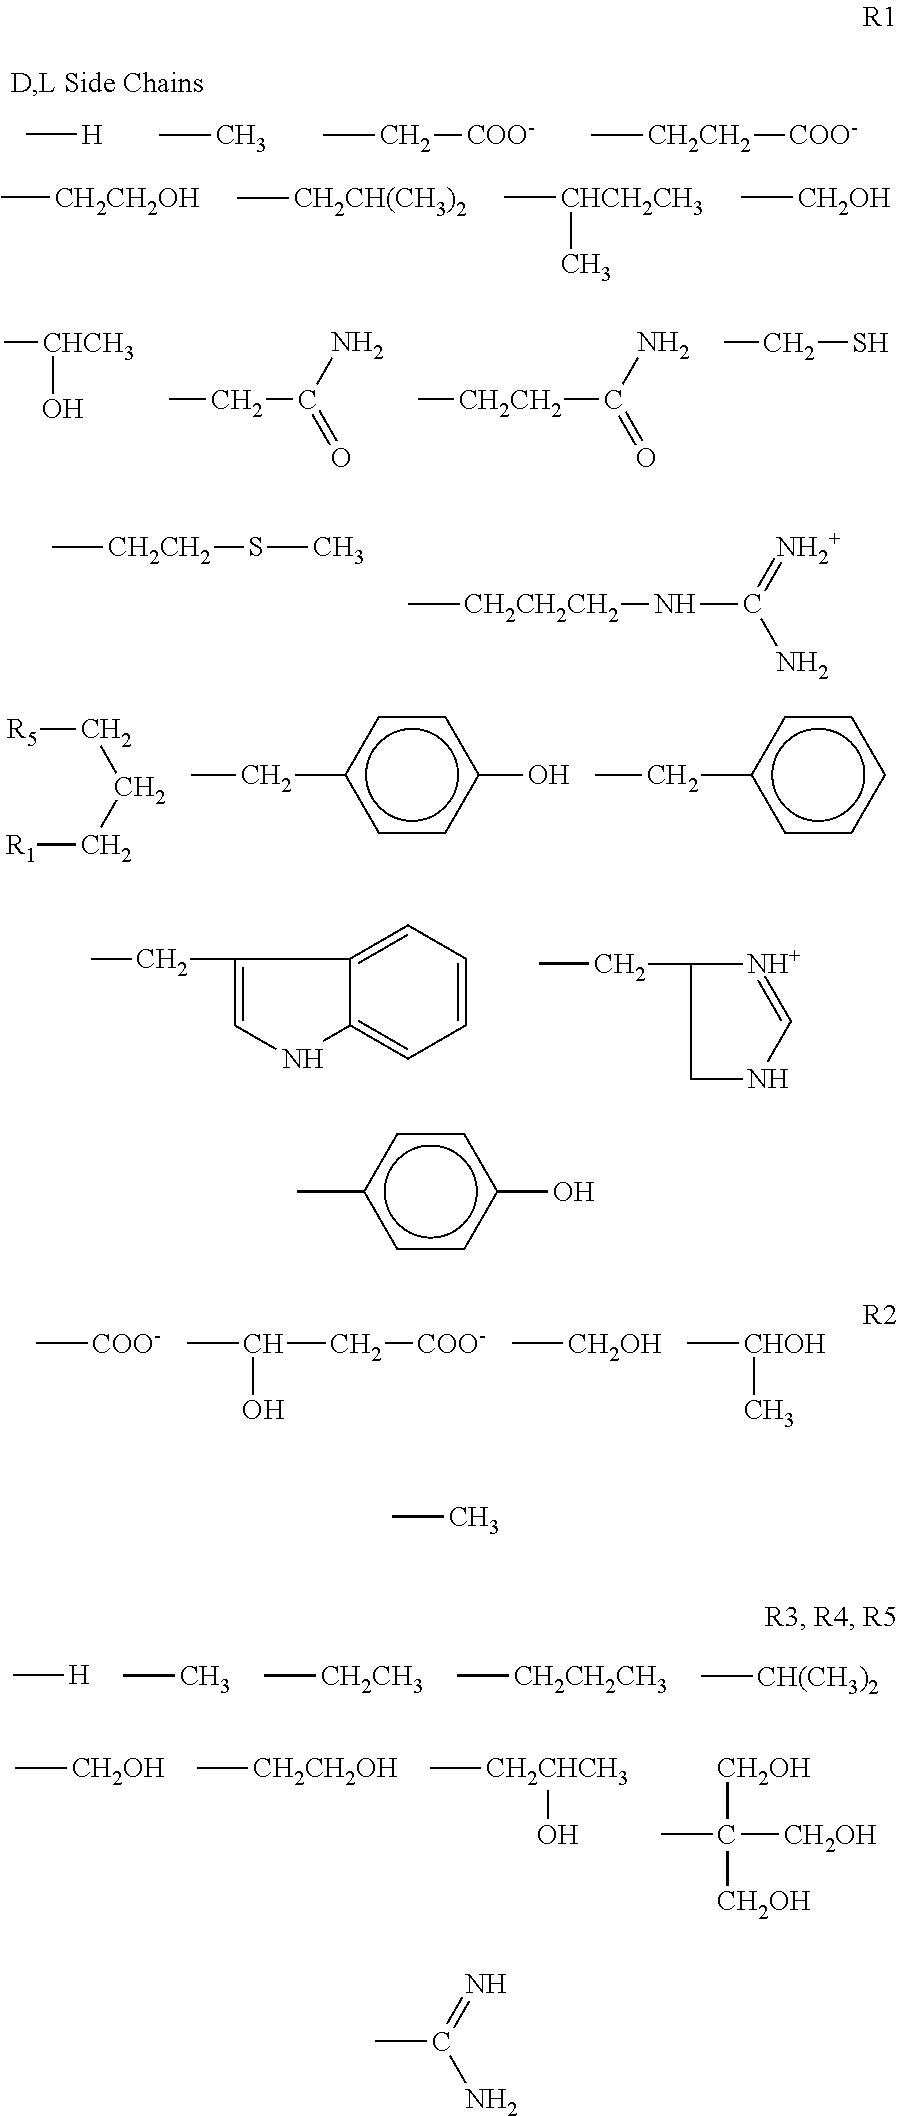 Figure US09415132-20160816-C00003